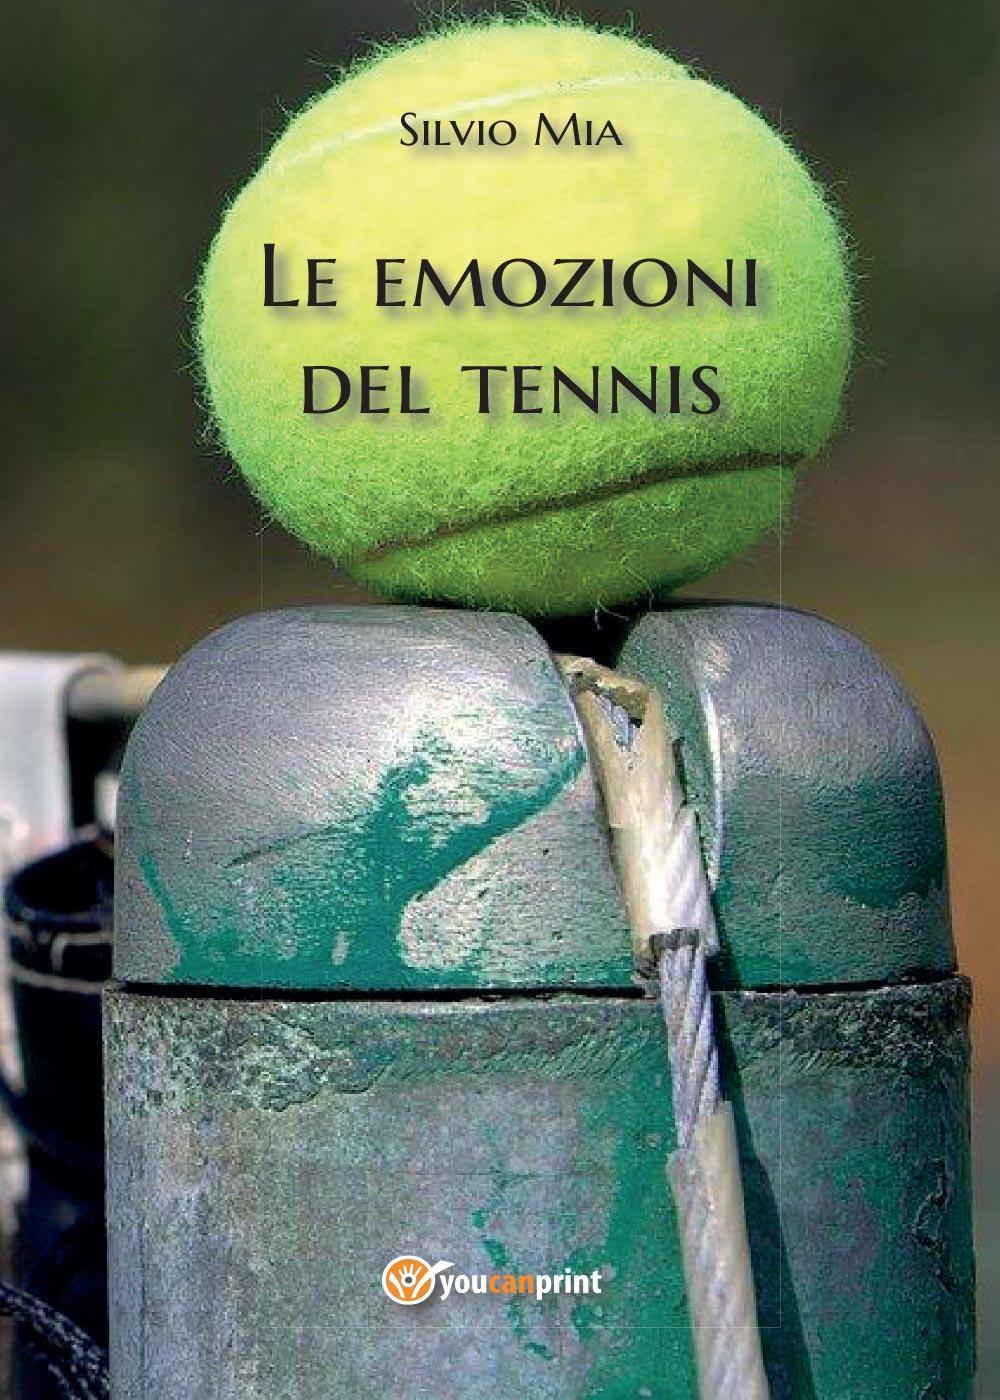 Le emozioni del tennis